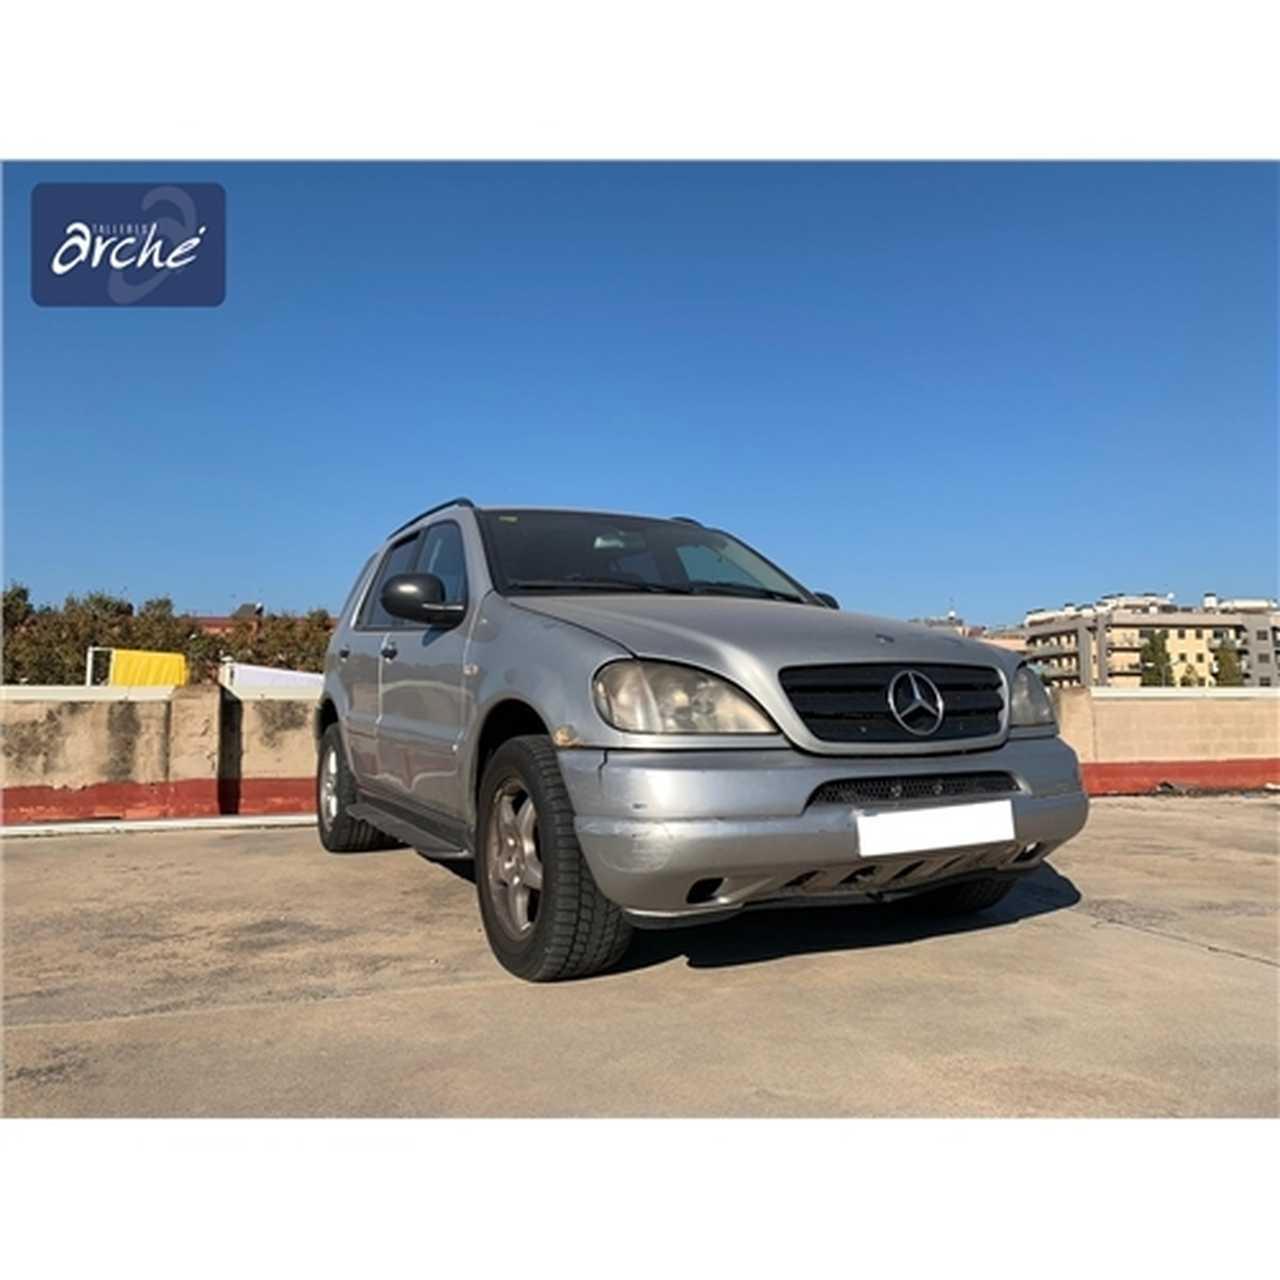 Mercedes-Benz Clase M 270 CDI (163.113)  - Foto 1